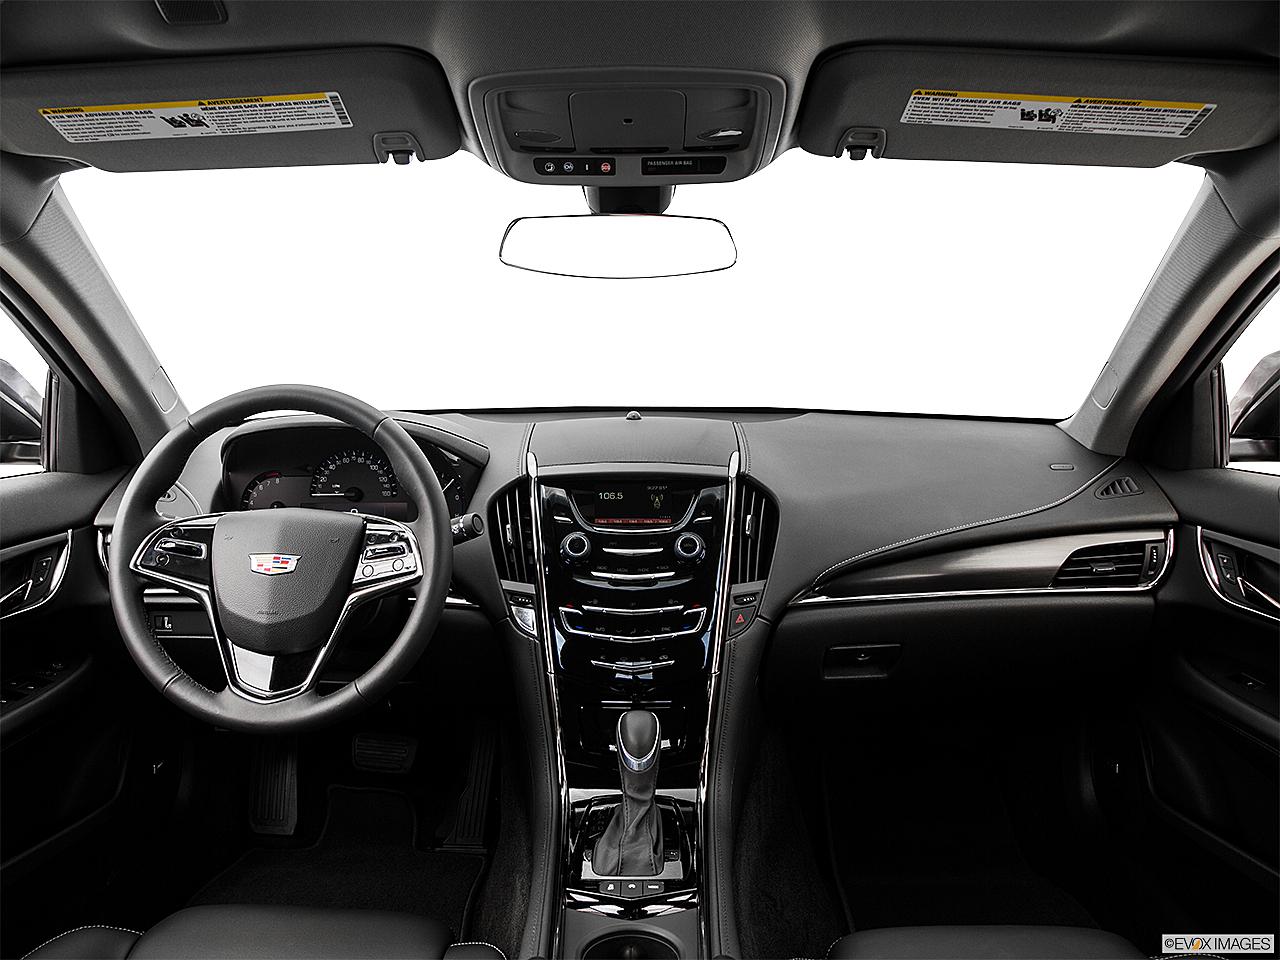 best performance car under 35k. Black Bedroom Furniture Sets. Home Design Ideas